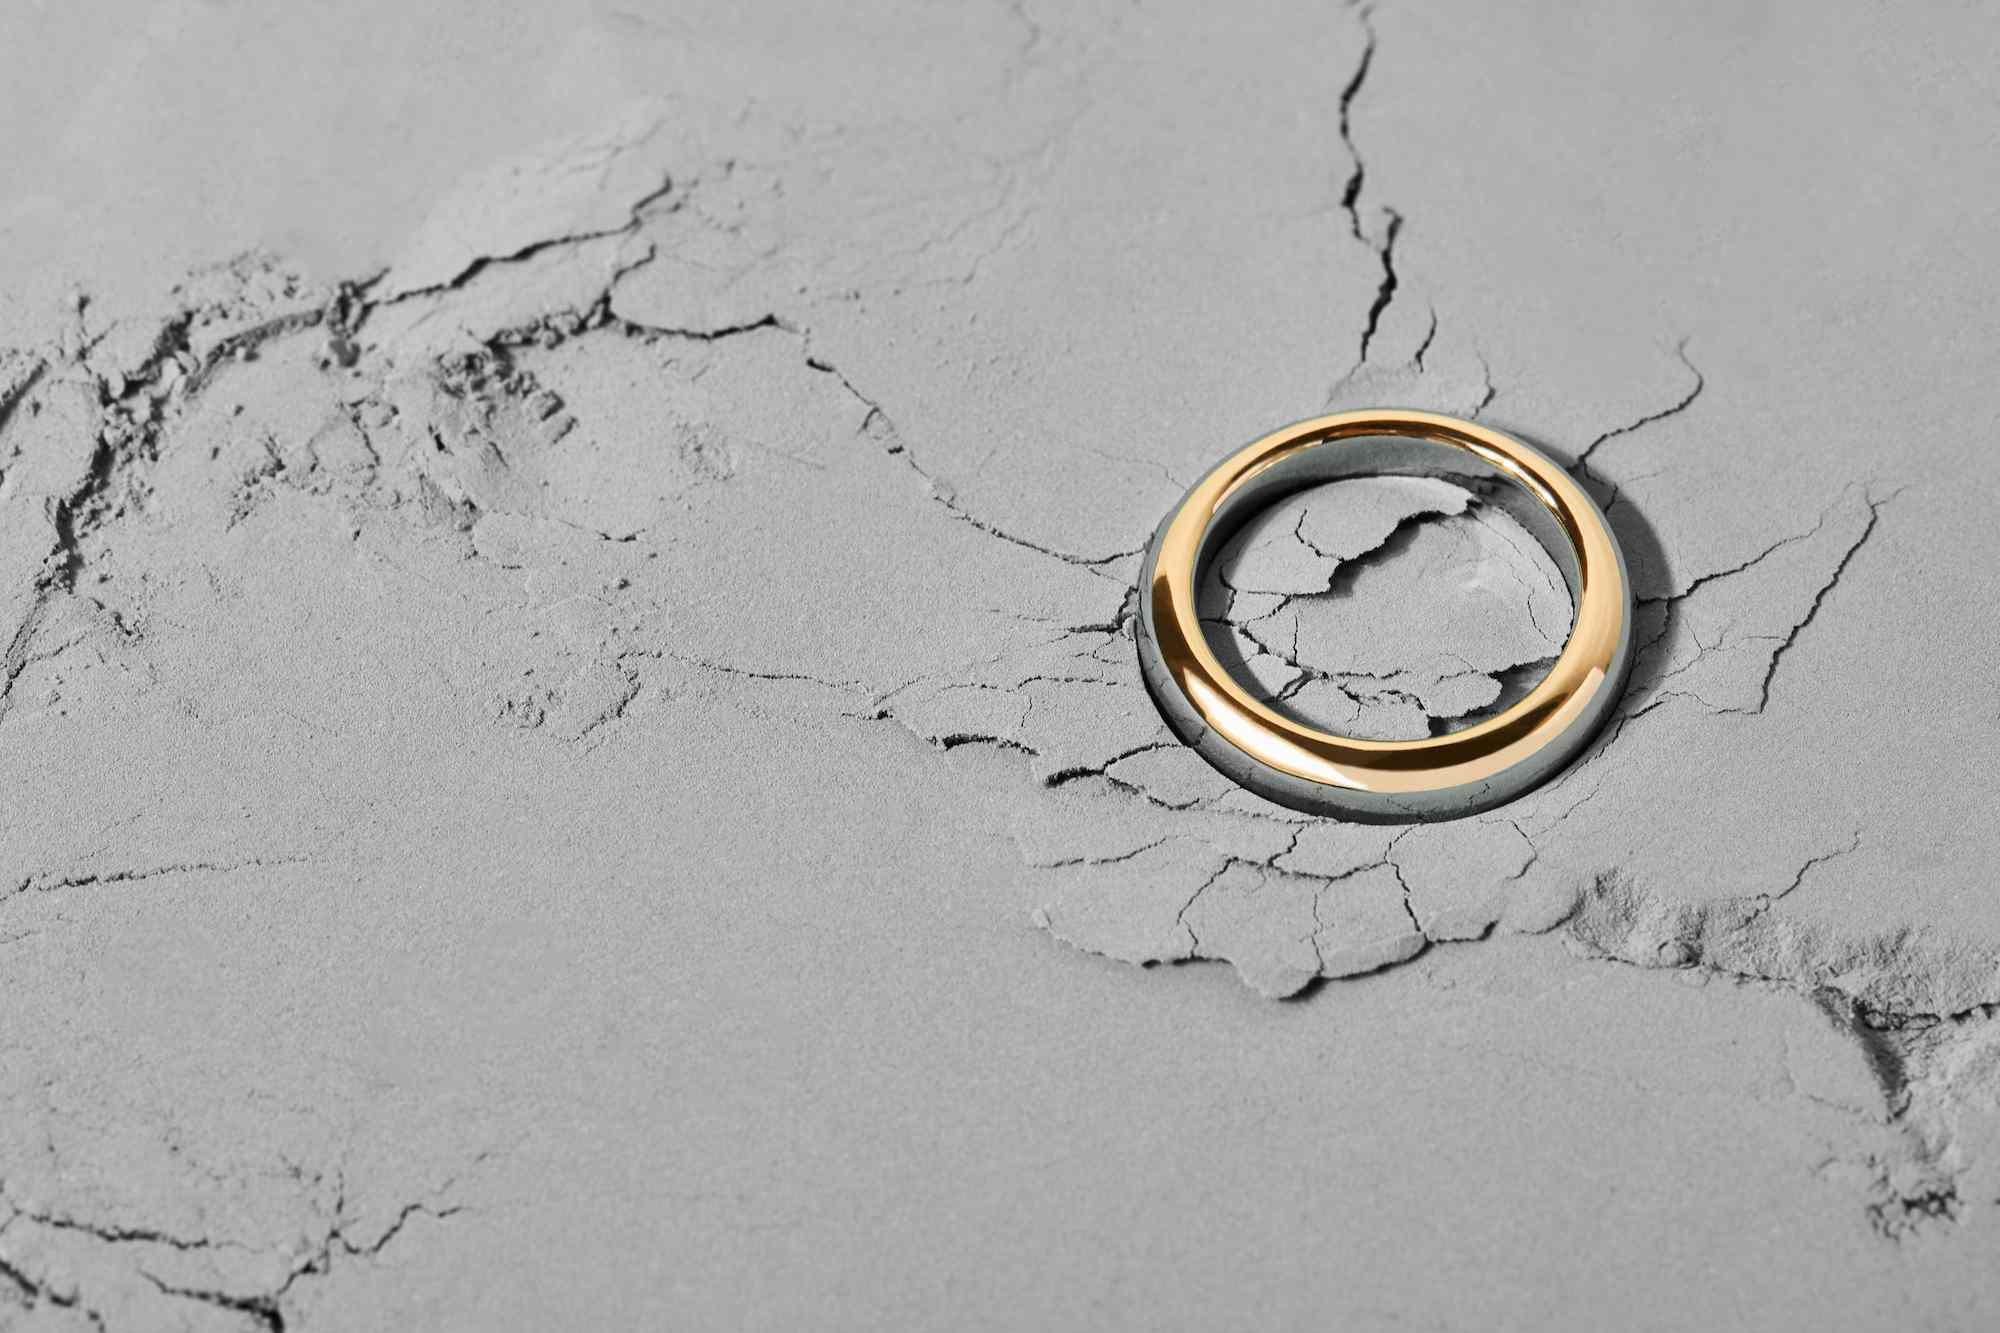 Ana Luisa gold ring